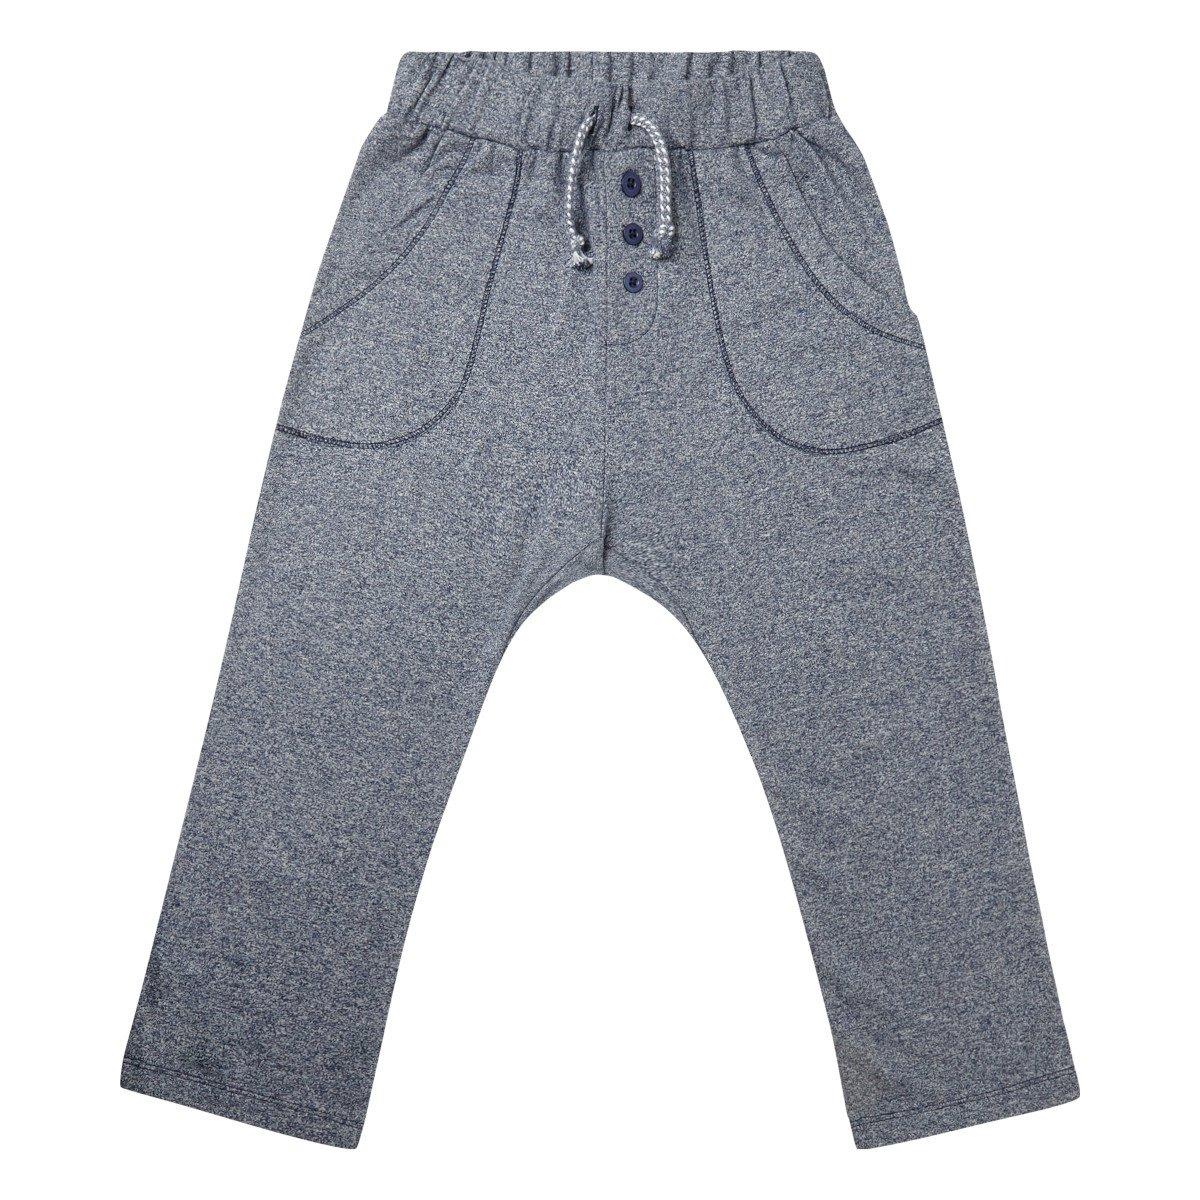 Pantalone TIM in felpa di cotone biologico